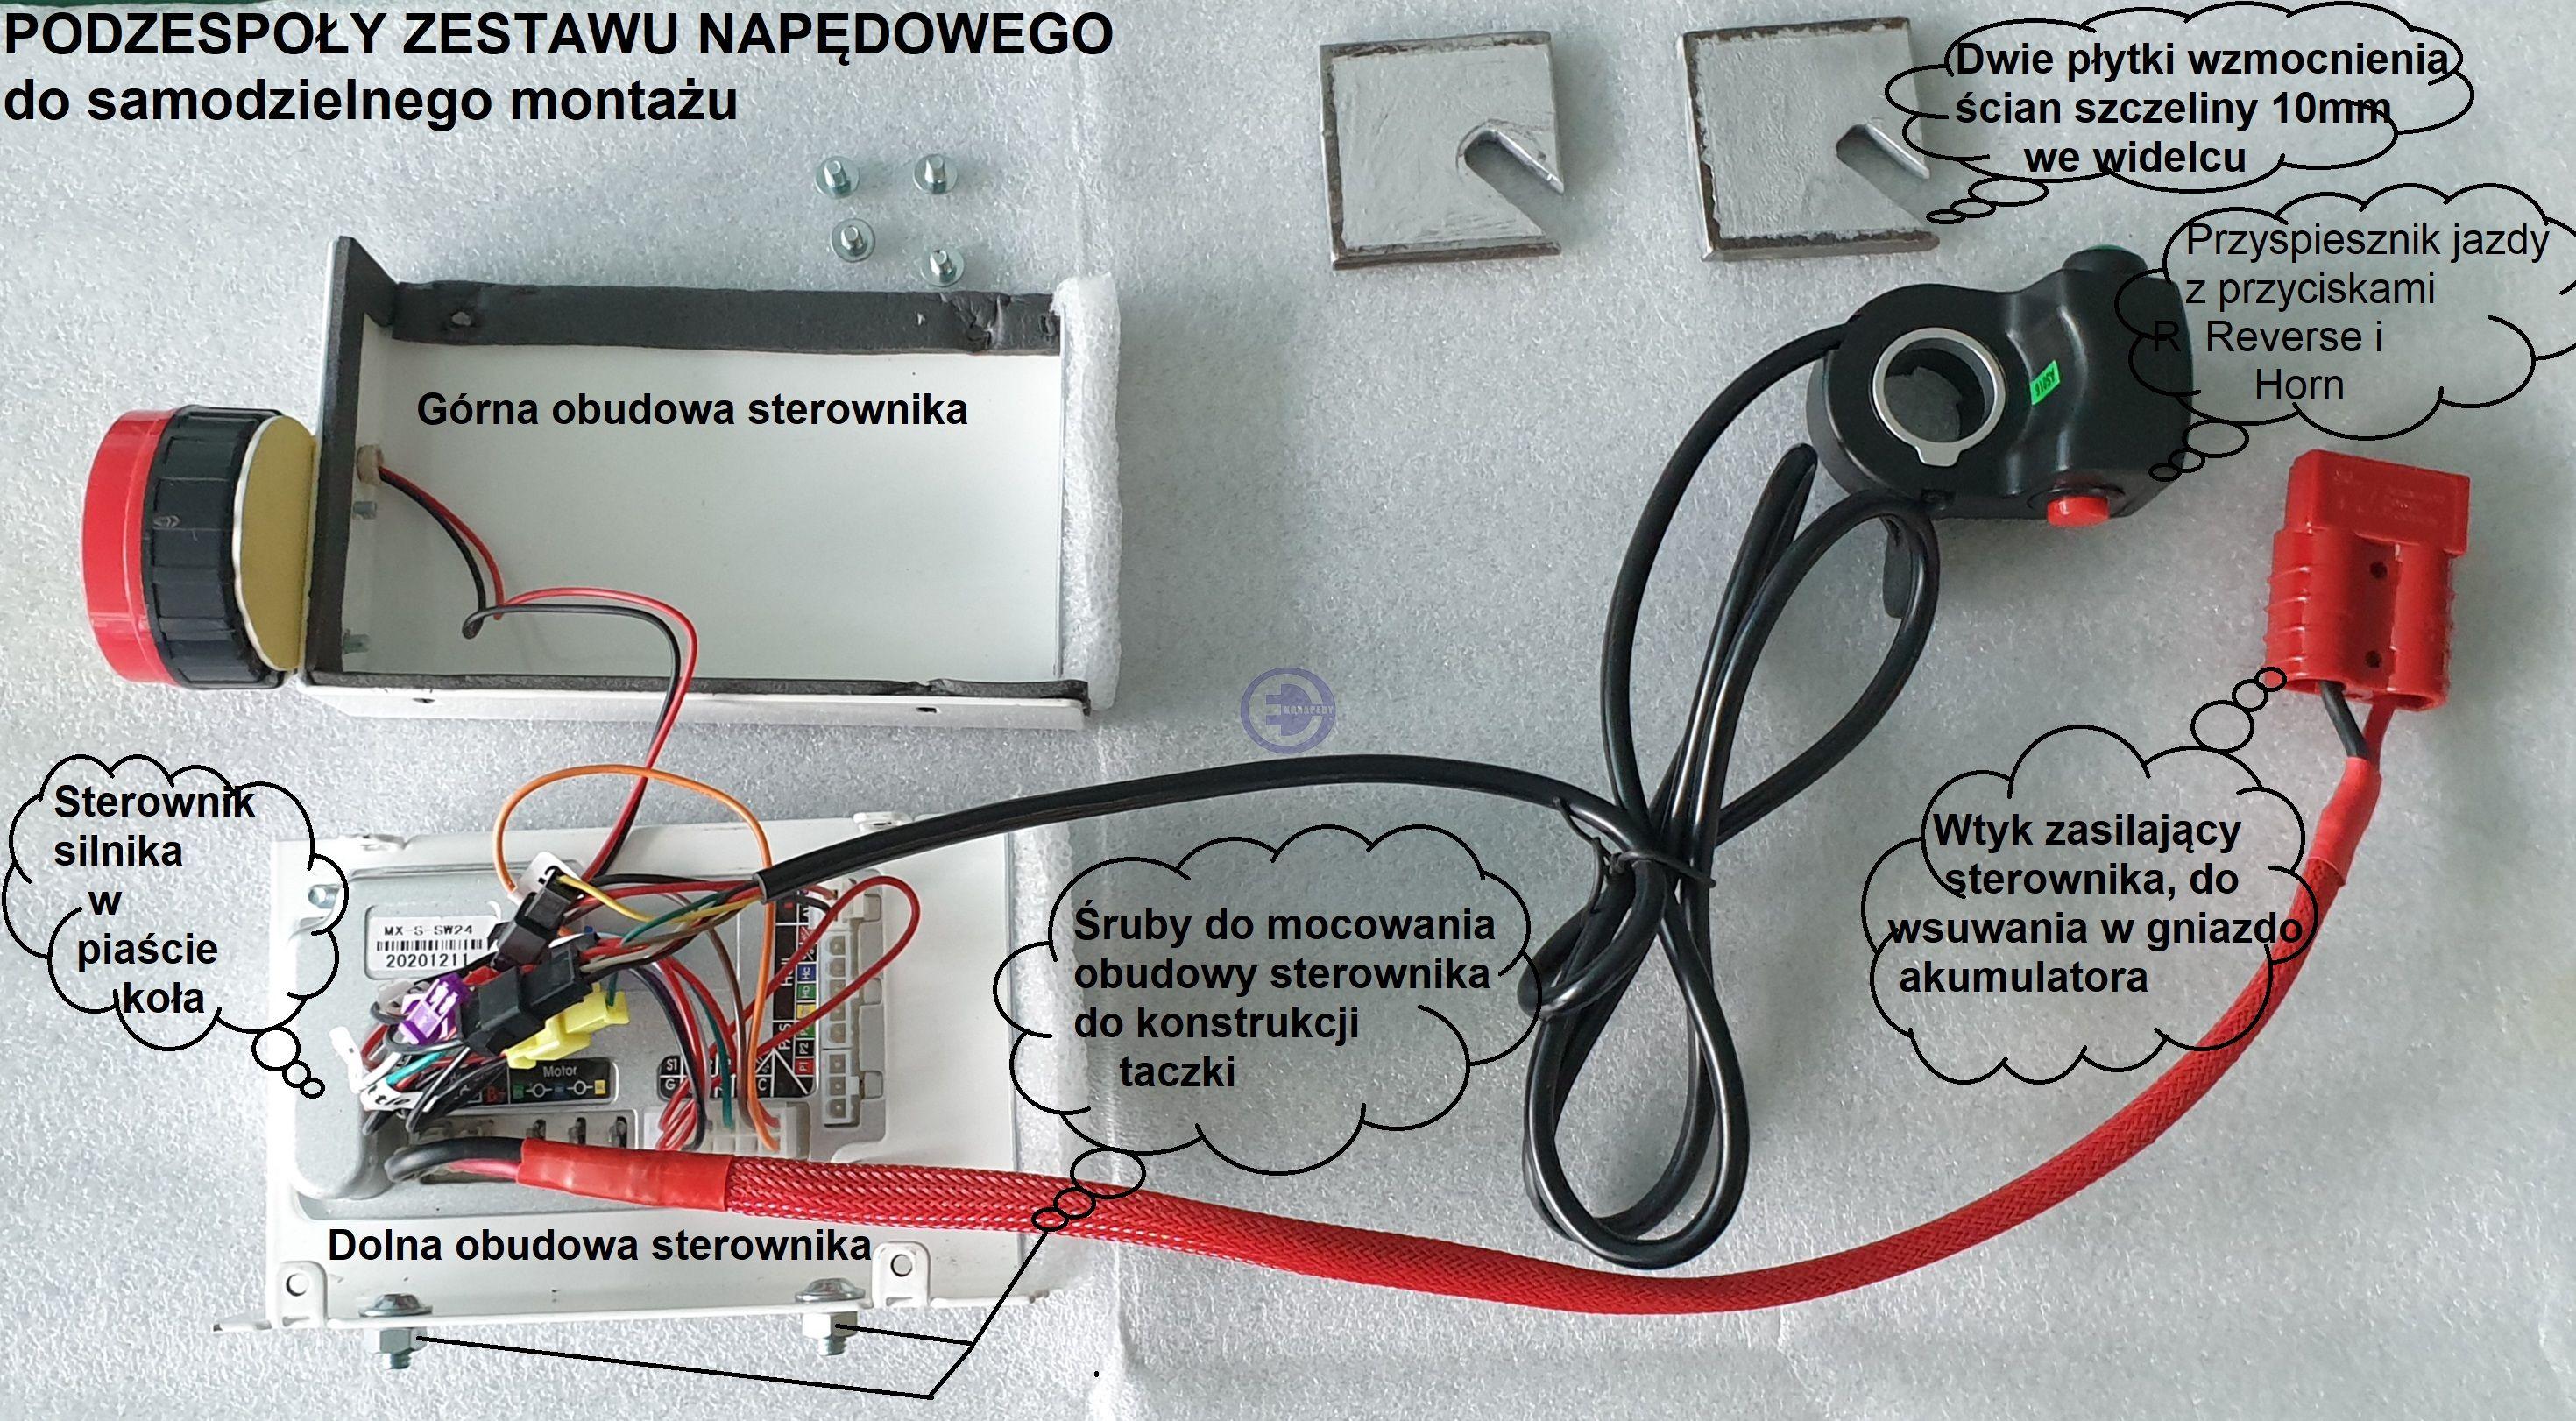 Taczka elektryczna - Zestaw 2b do samodzielnego montażu